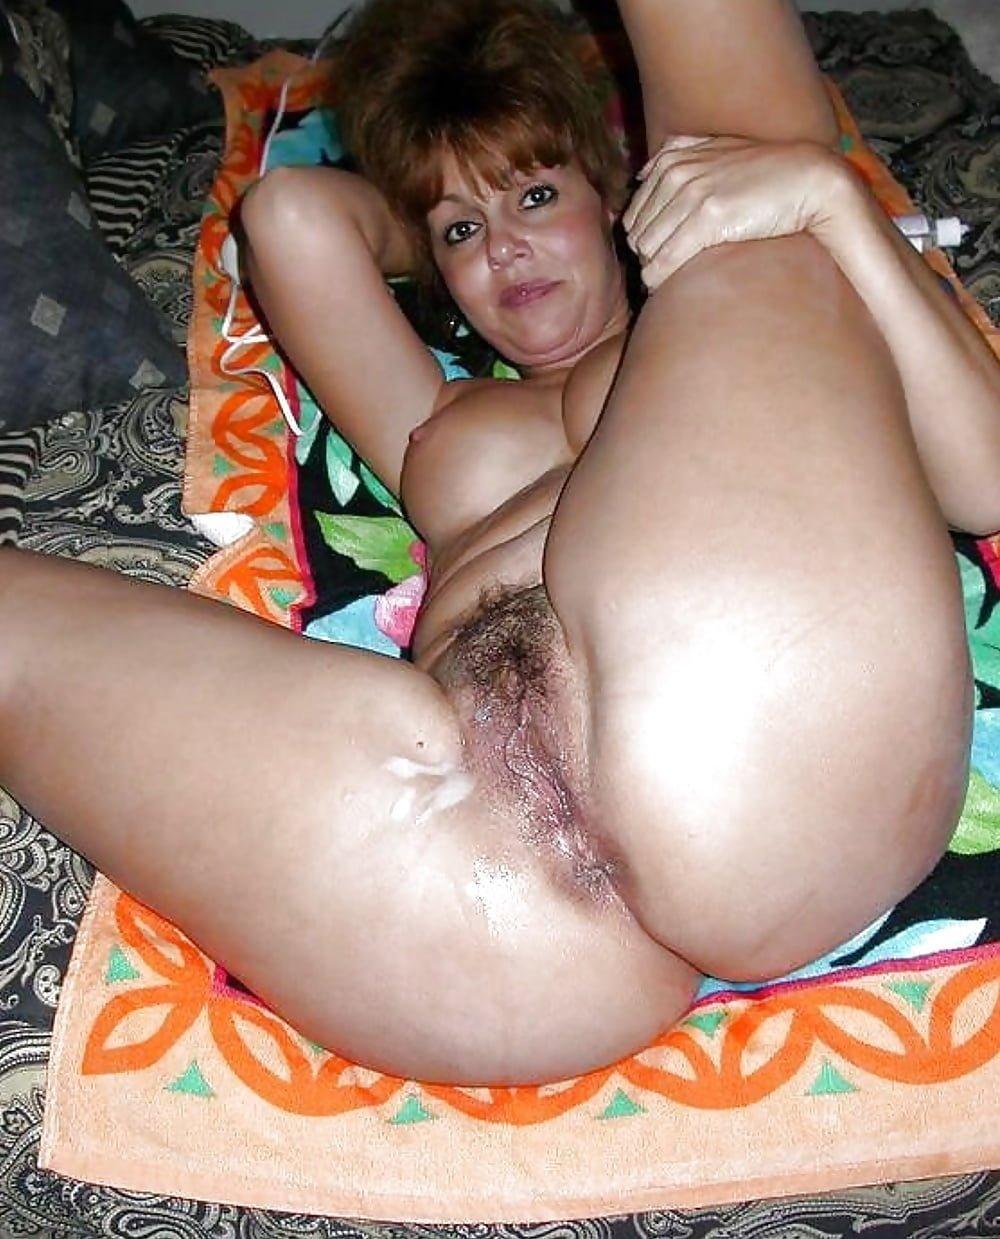 Зрелая домашняя киска порно фото бесплатно